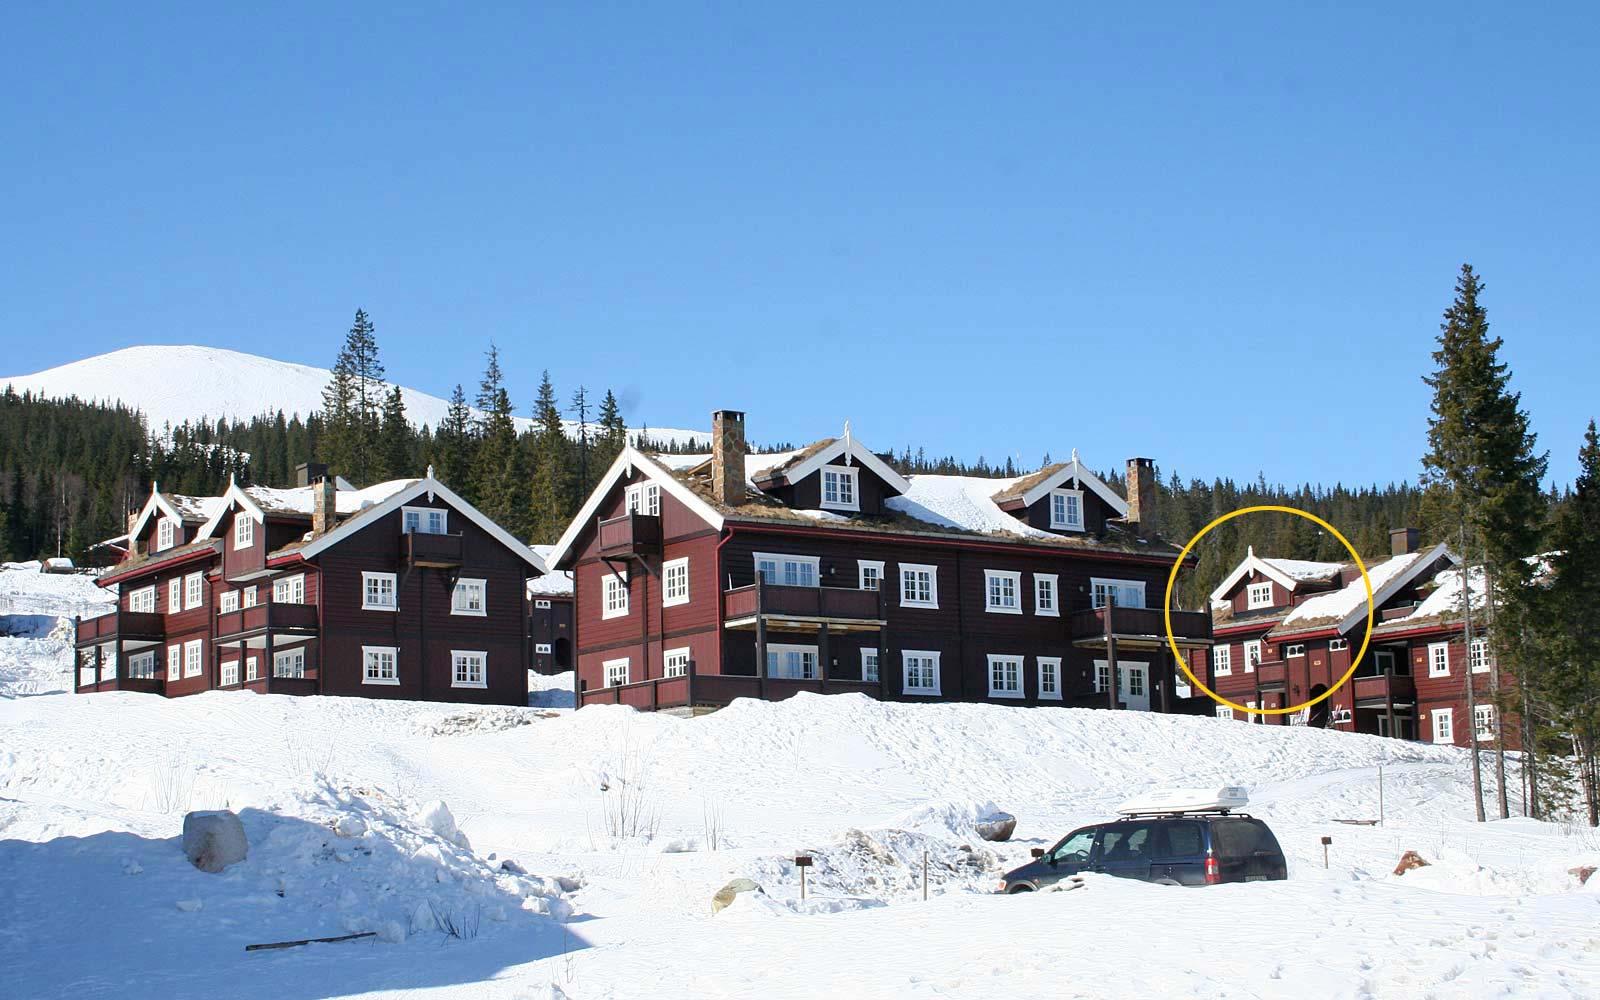 Knettlia leilighetskompleks - Sjumilskogen booking Trysil